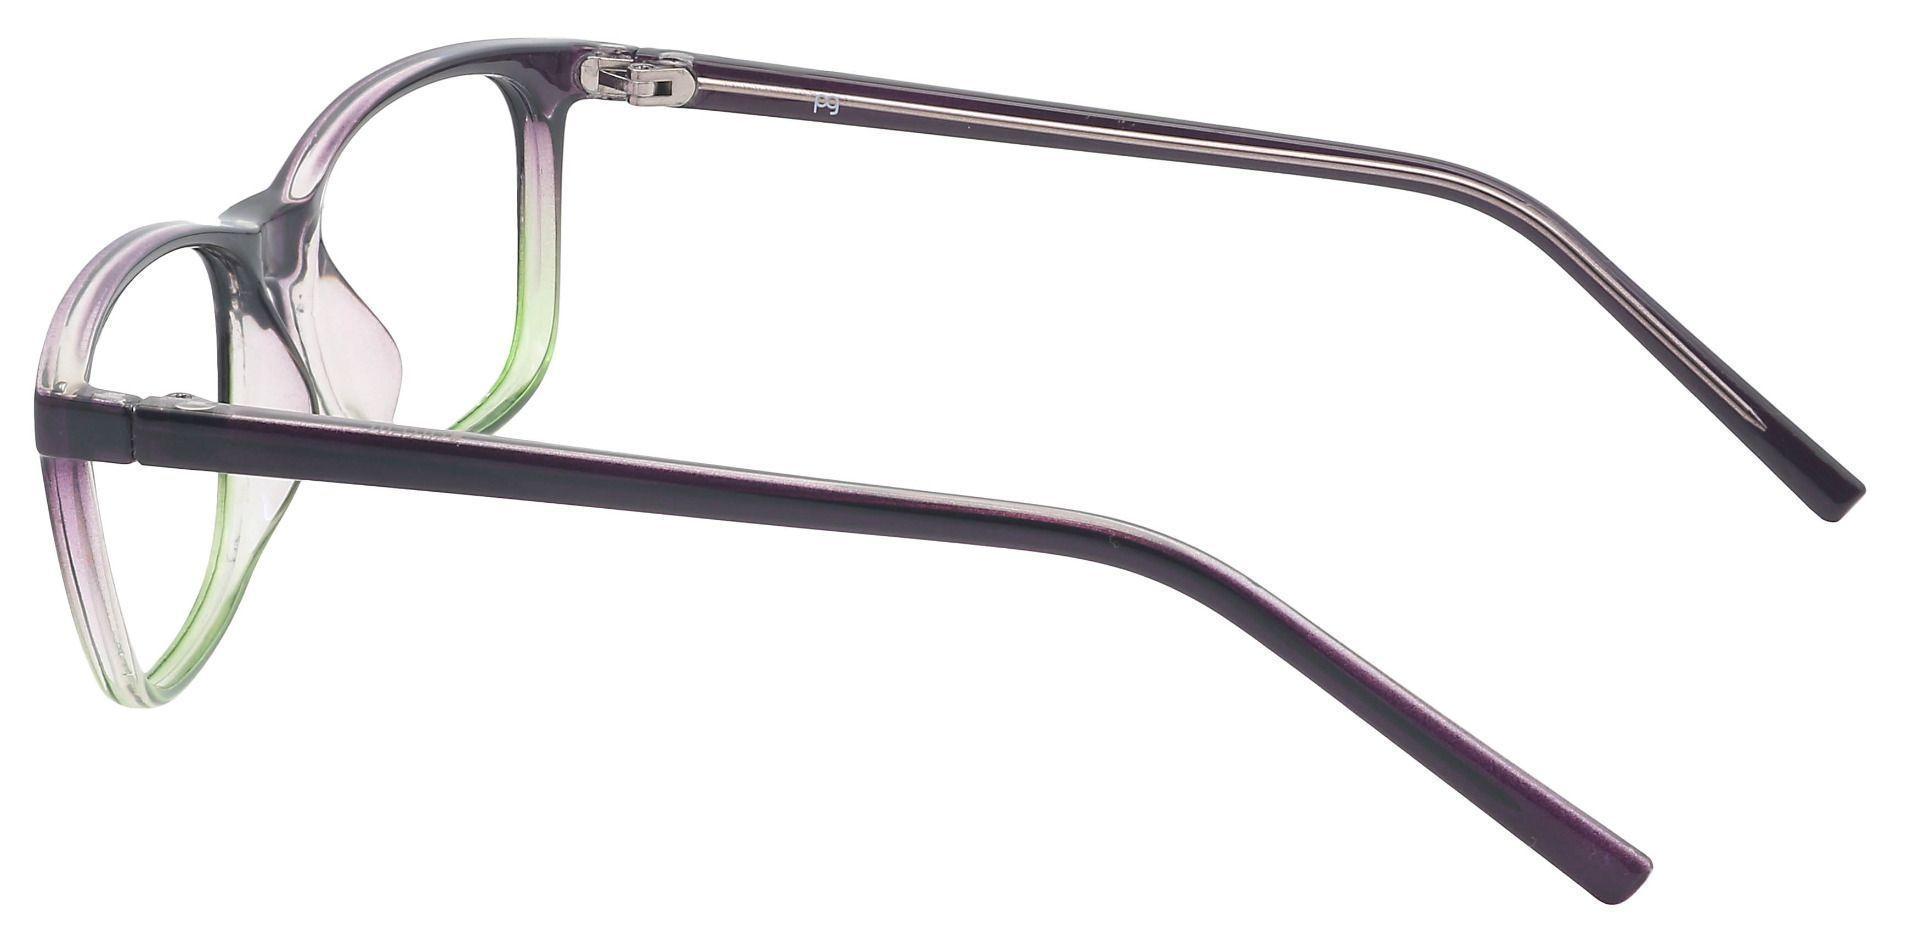 Safita Oval Reading Glasses - Grape/kiwi Fade